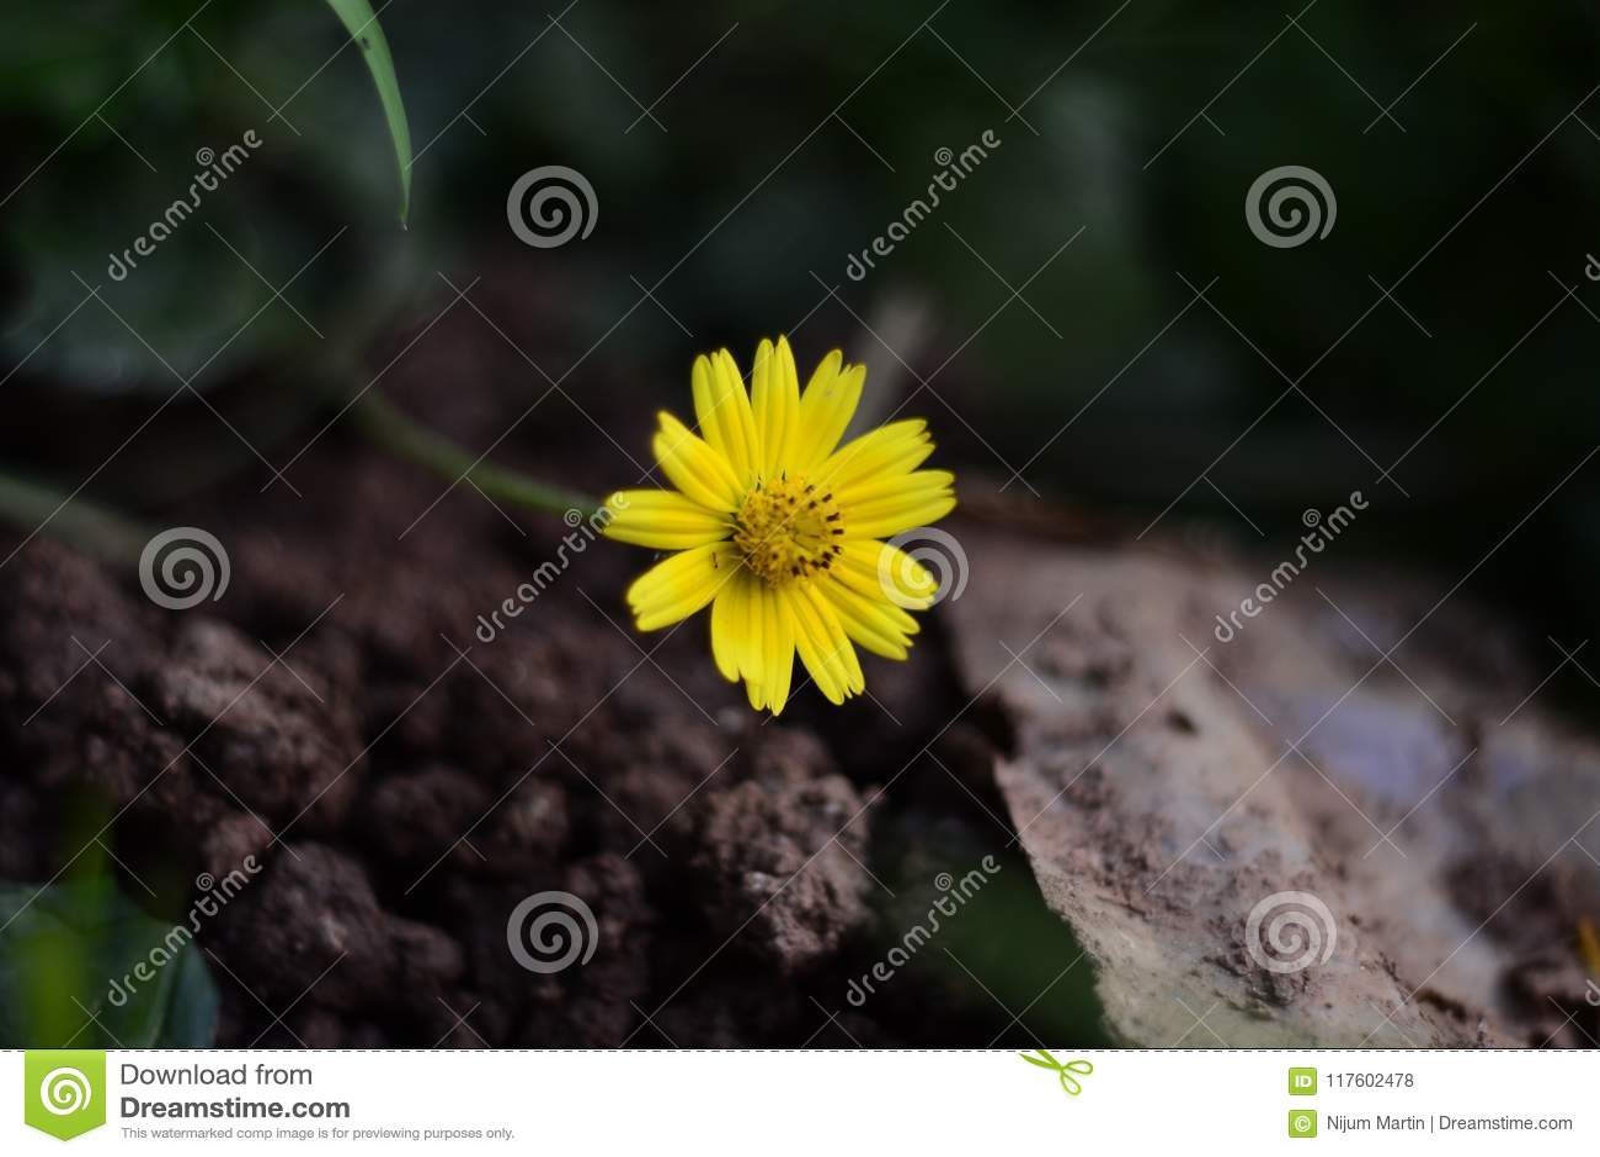 Flor Amarilla De La Flor | Definición, Anatomía Stock de ilustración ...